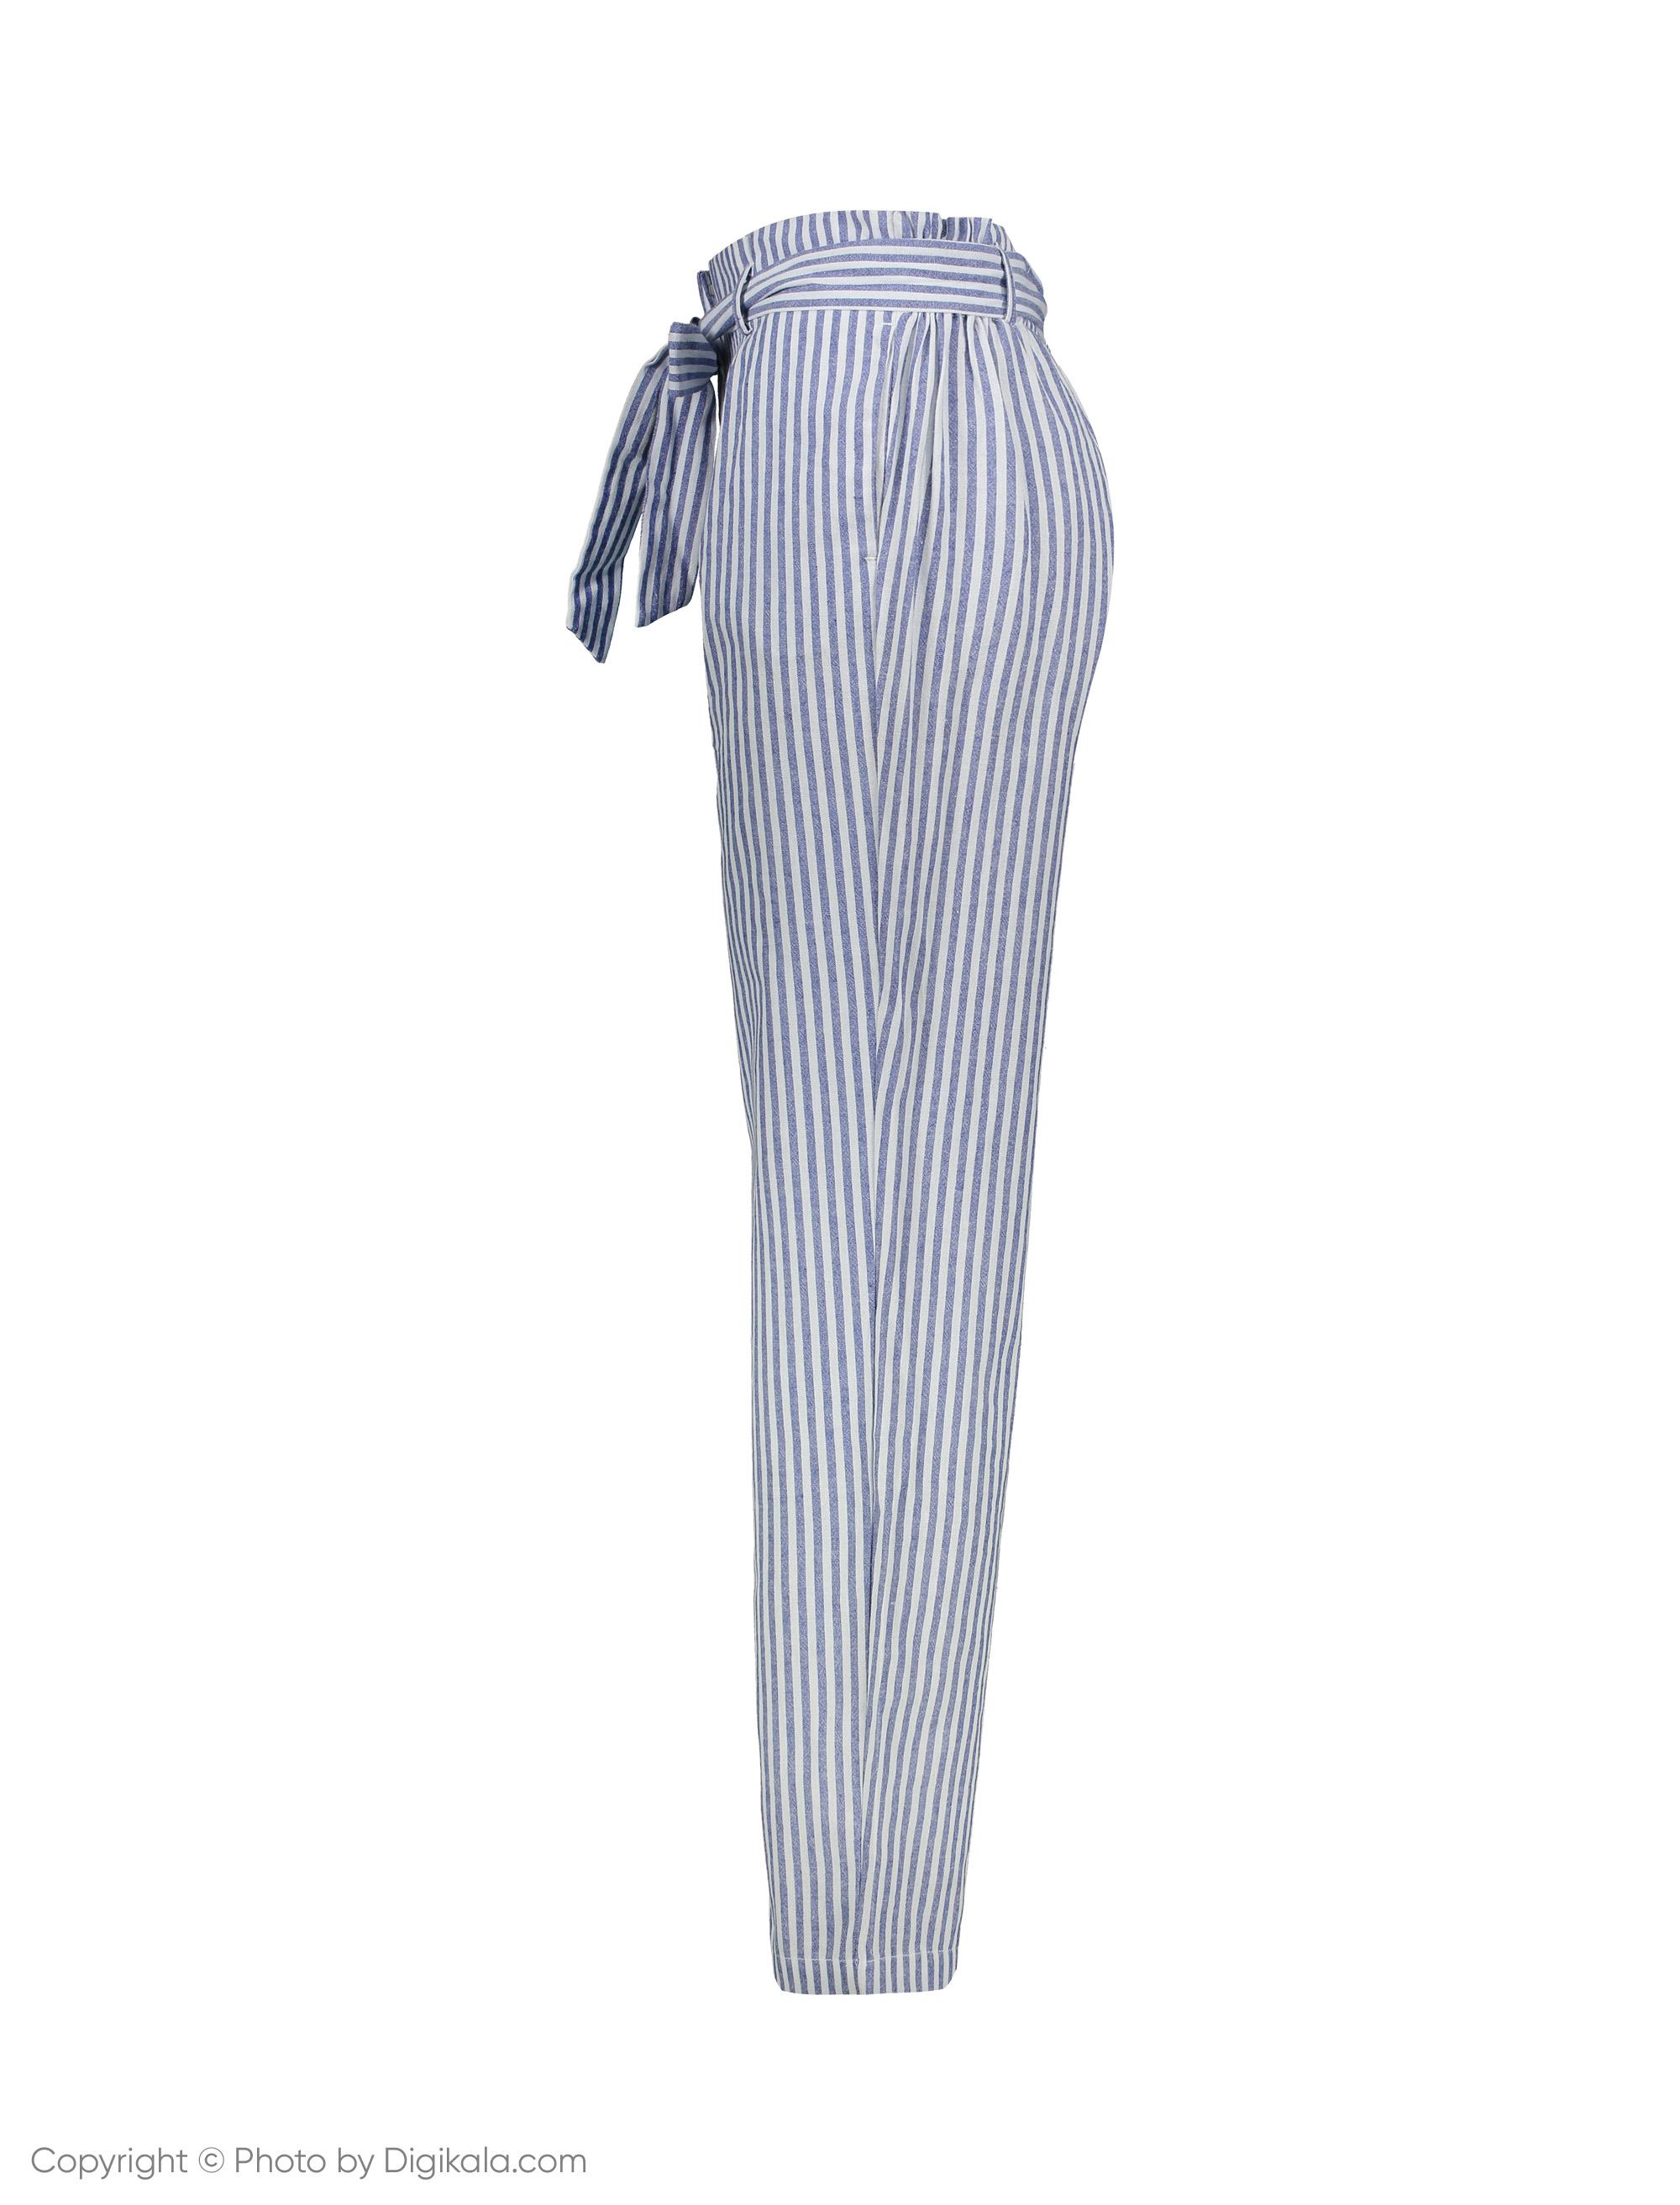 شلوار راحتی زنانه اسپرینگ فیلد مدل 6833802-WALES RANGE